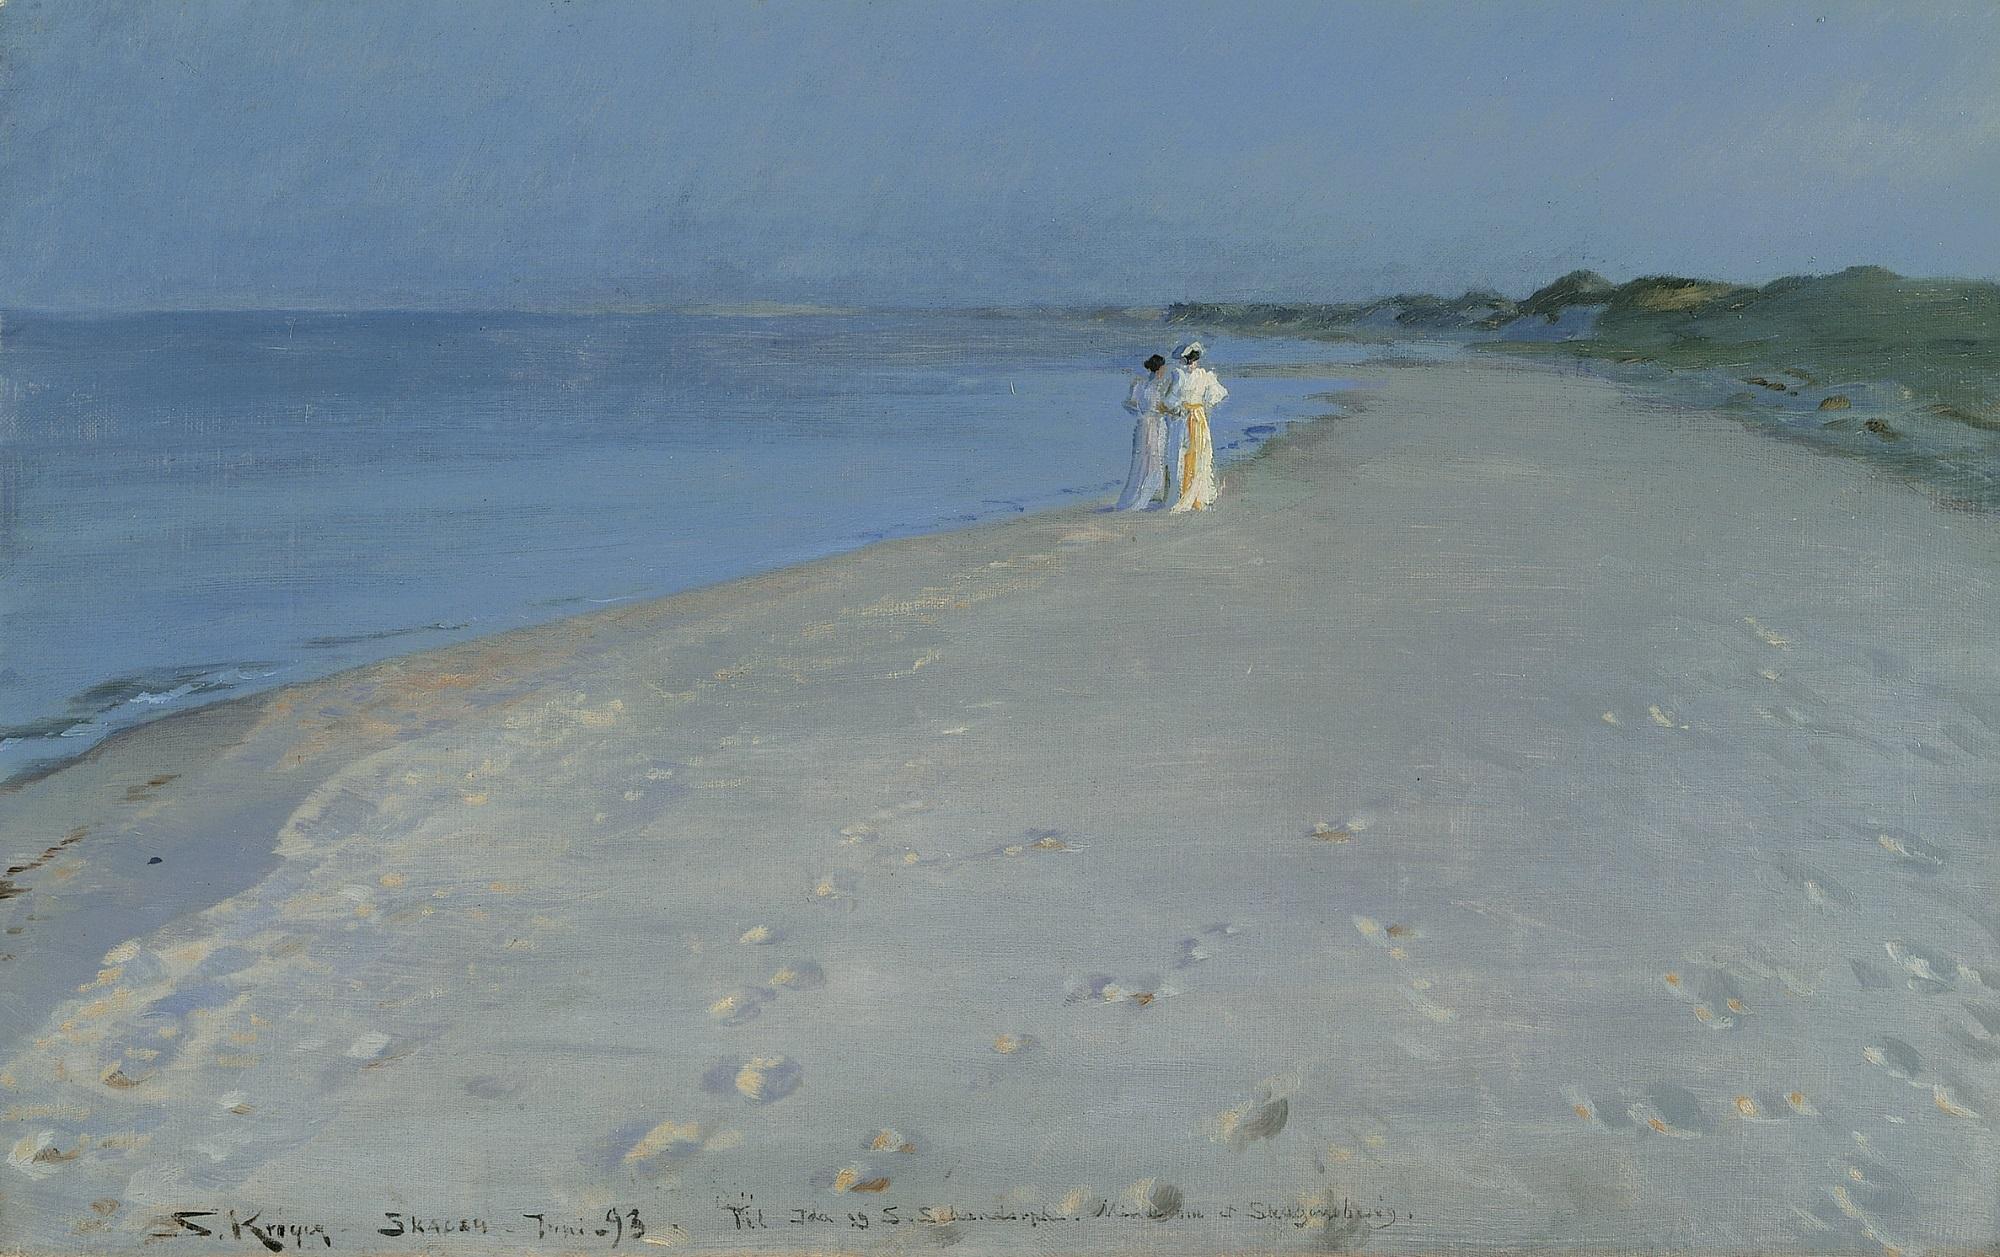 ピーザ・スィヴェリーン・クロイア 《スケーイン南海岸の夏の夕べ-アナ・アンガとマリーイ・クロイア》 1893年 ヒアシュプロング・コレクション蔵 (C)  The Hirschsprung Collection